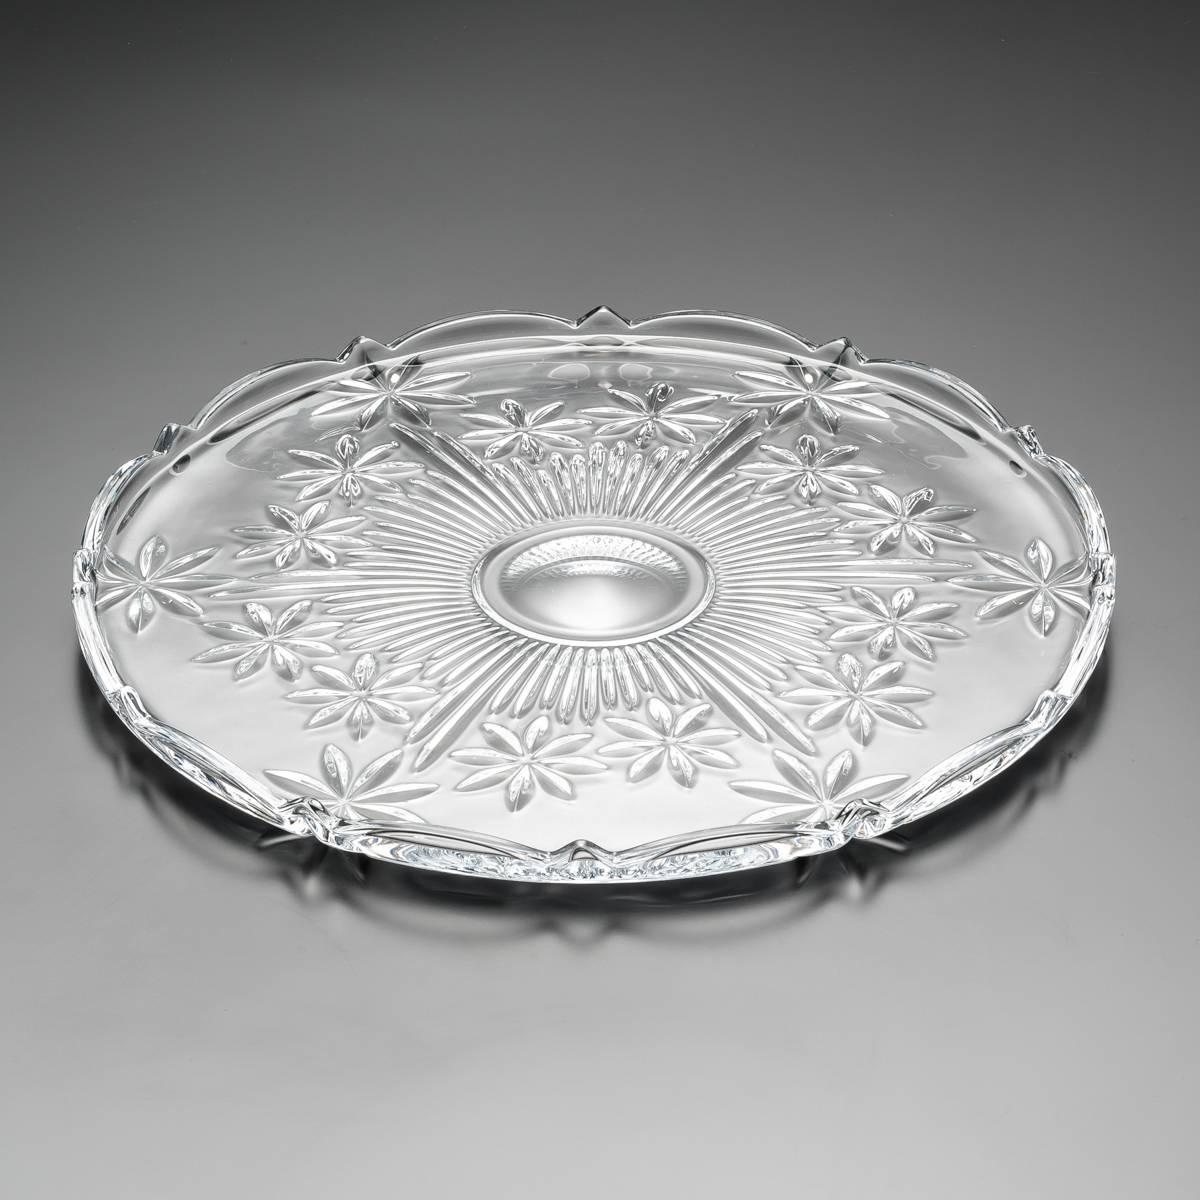 Prato para Bolo Perseus em Cristal - Bohemia - 31x2 cm